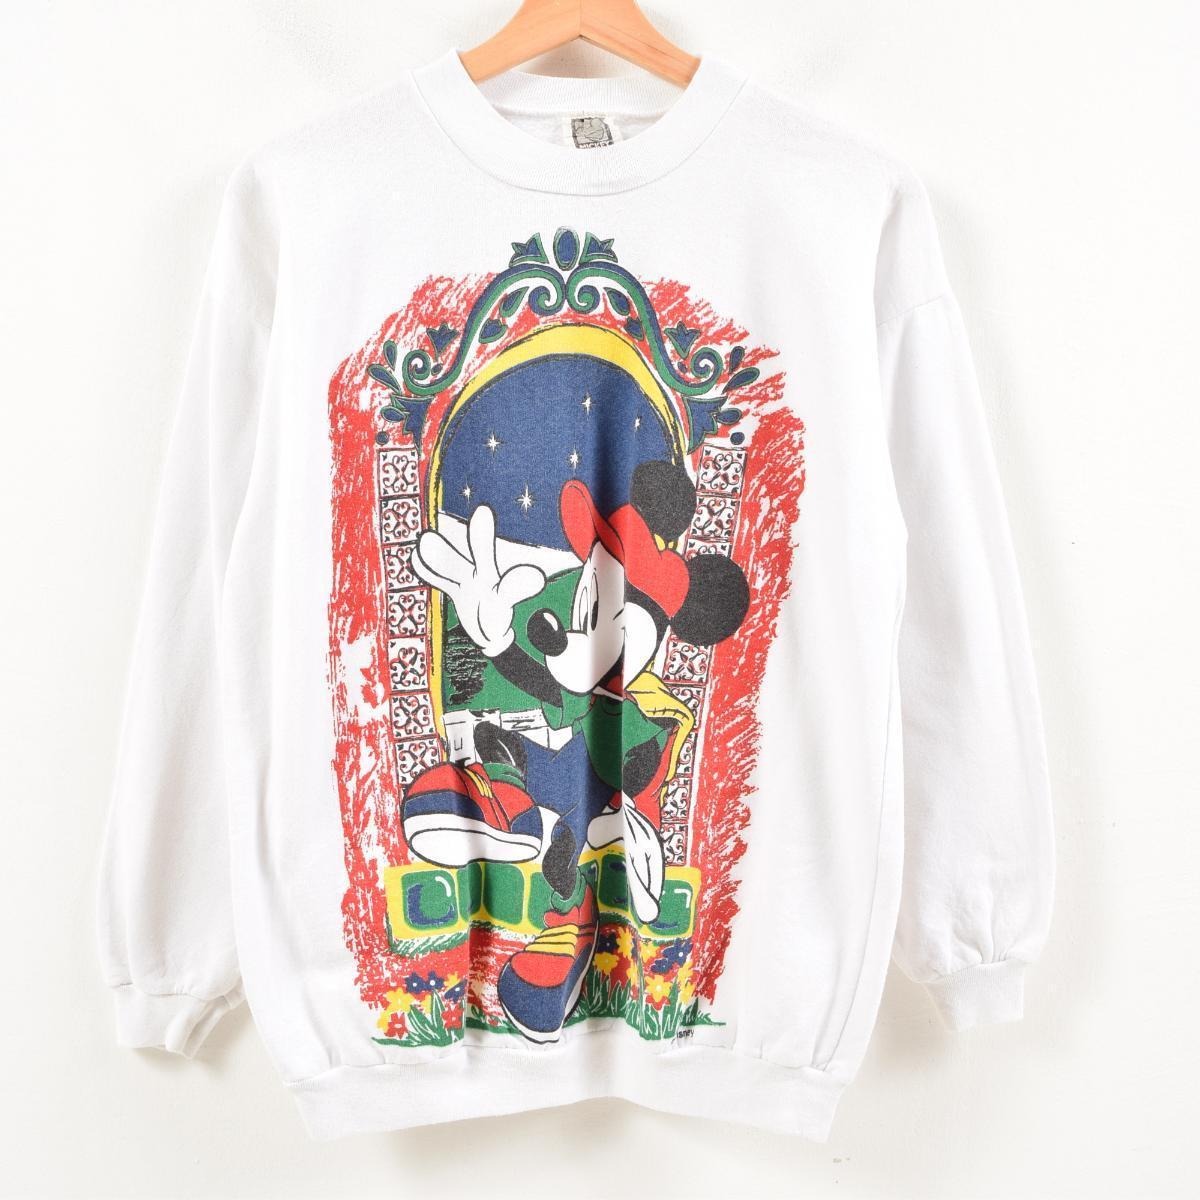 MICKEY UNLIMITED MICKEY MOUSE ミッキーマウス キャラクタースウェットシャツ トレーナー カナダ製 レディースXL /was5929 【中古】 【180721】